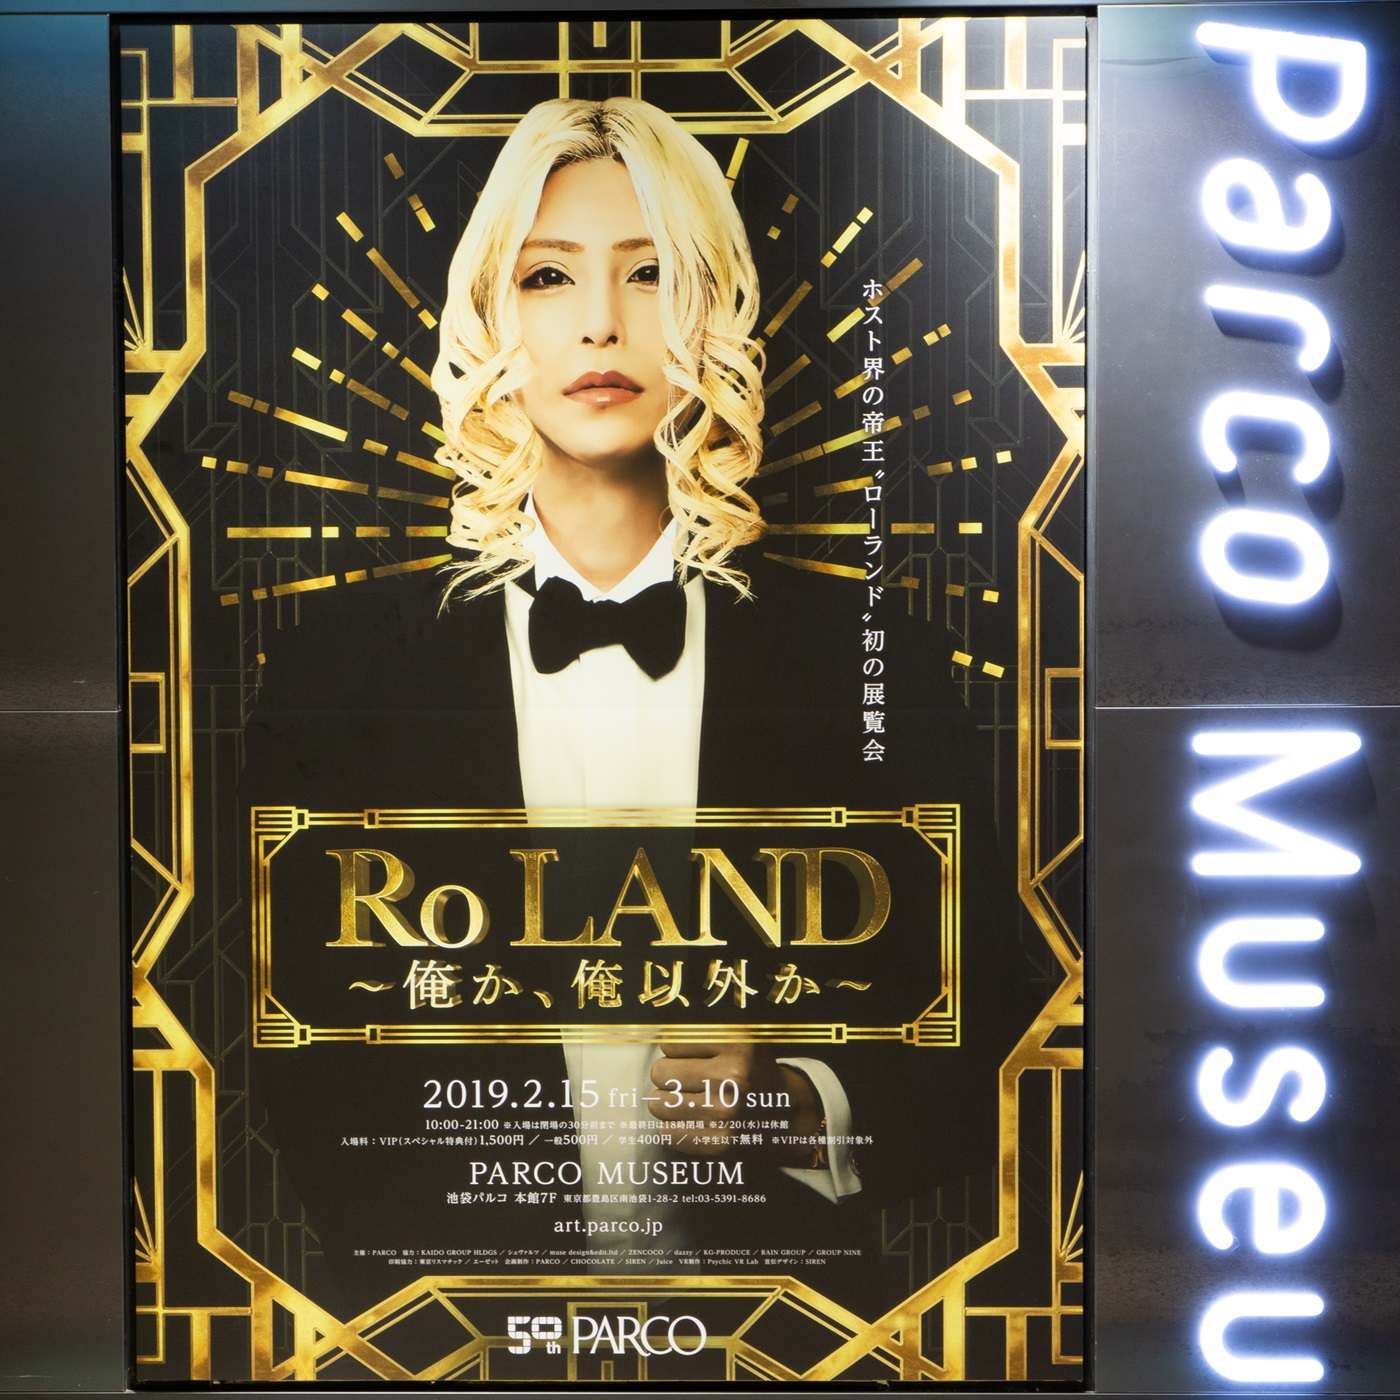 ホスト界の帝王「ローランド」の展覧会、Ro LAND ~俺か、俺以外か~に行ってきました